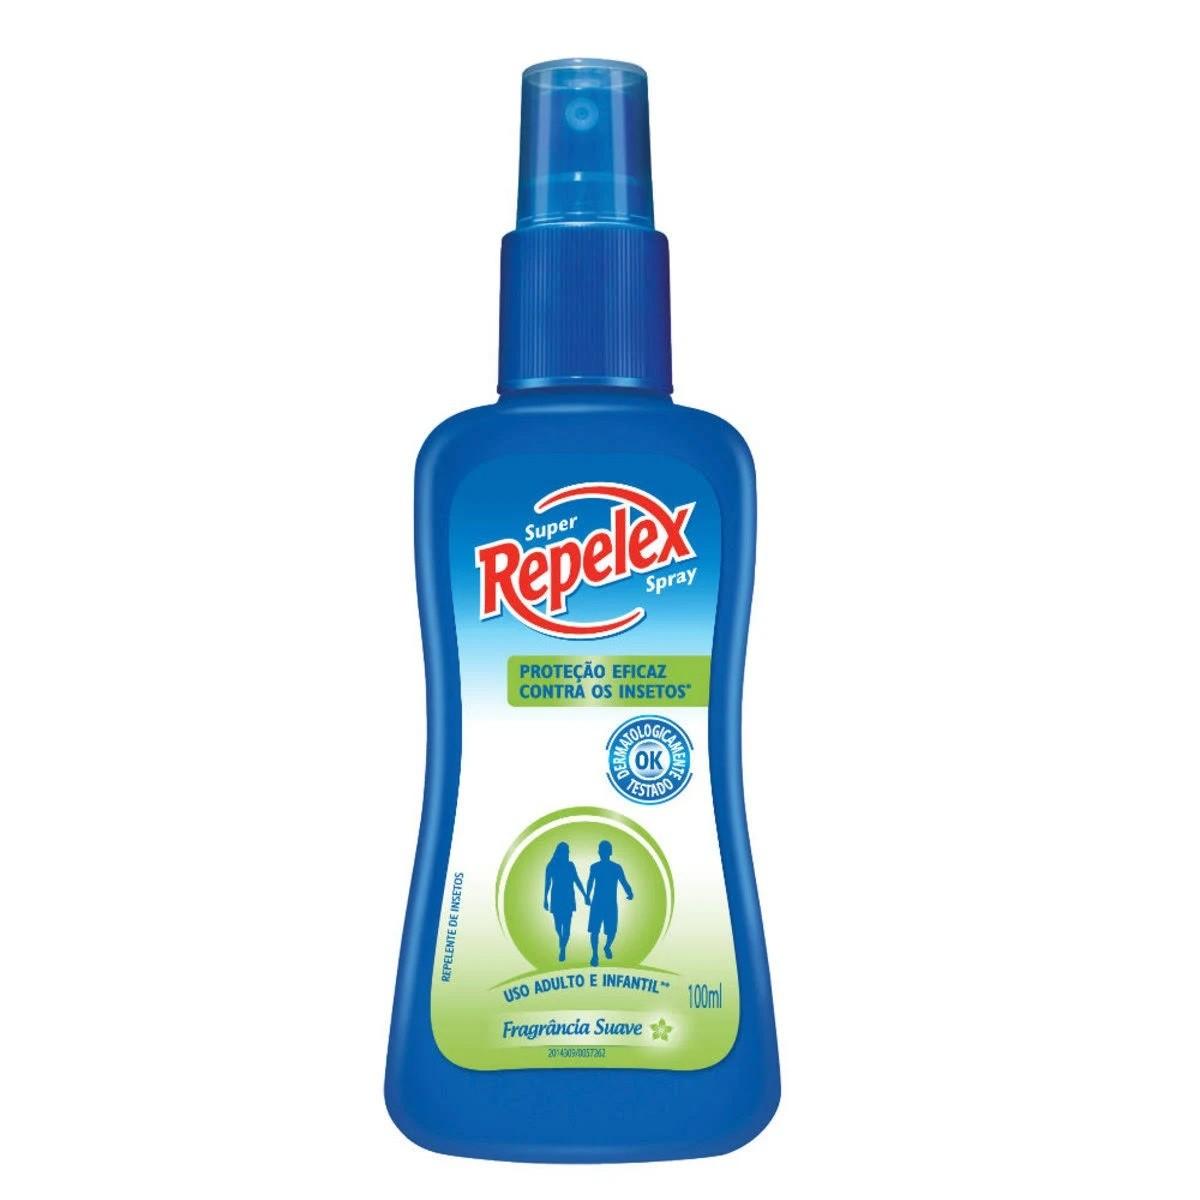 Repelente Repelex spray 100 ml